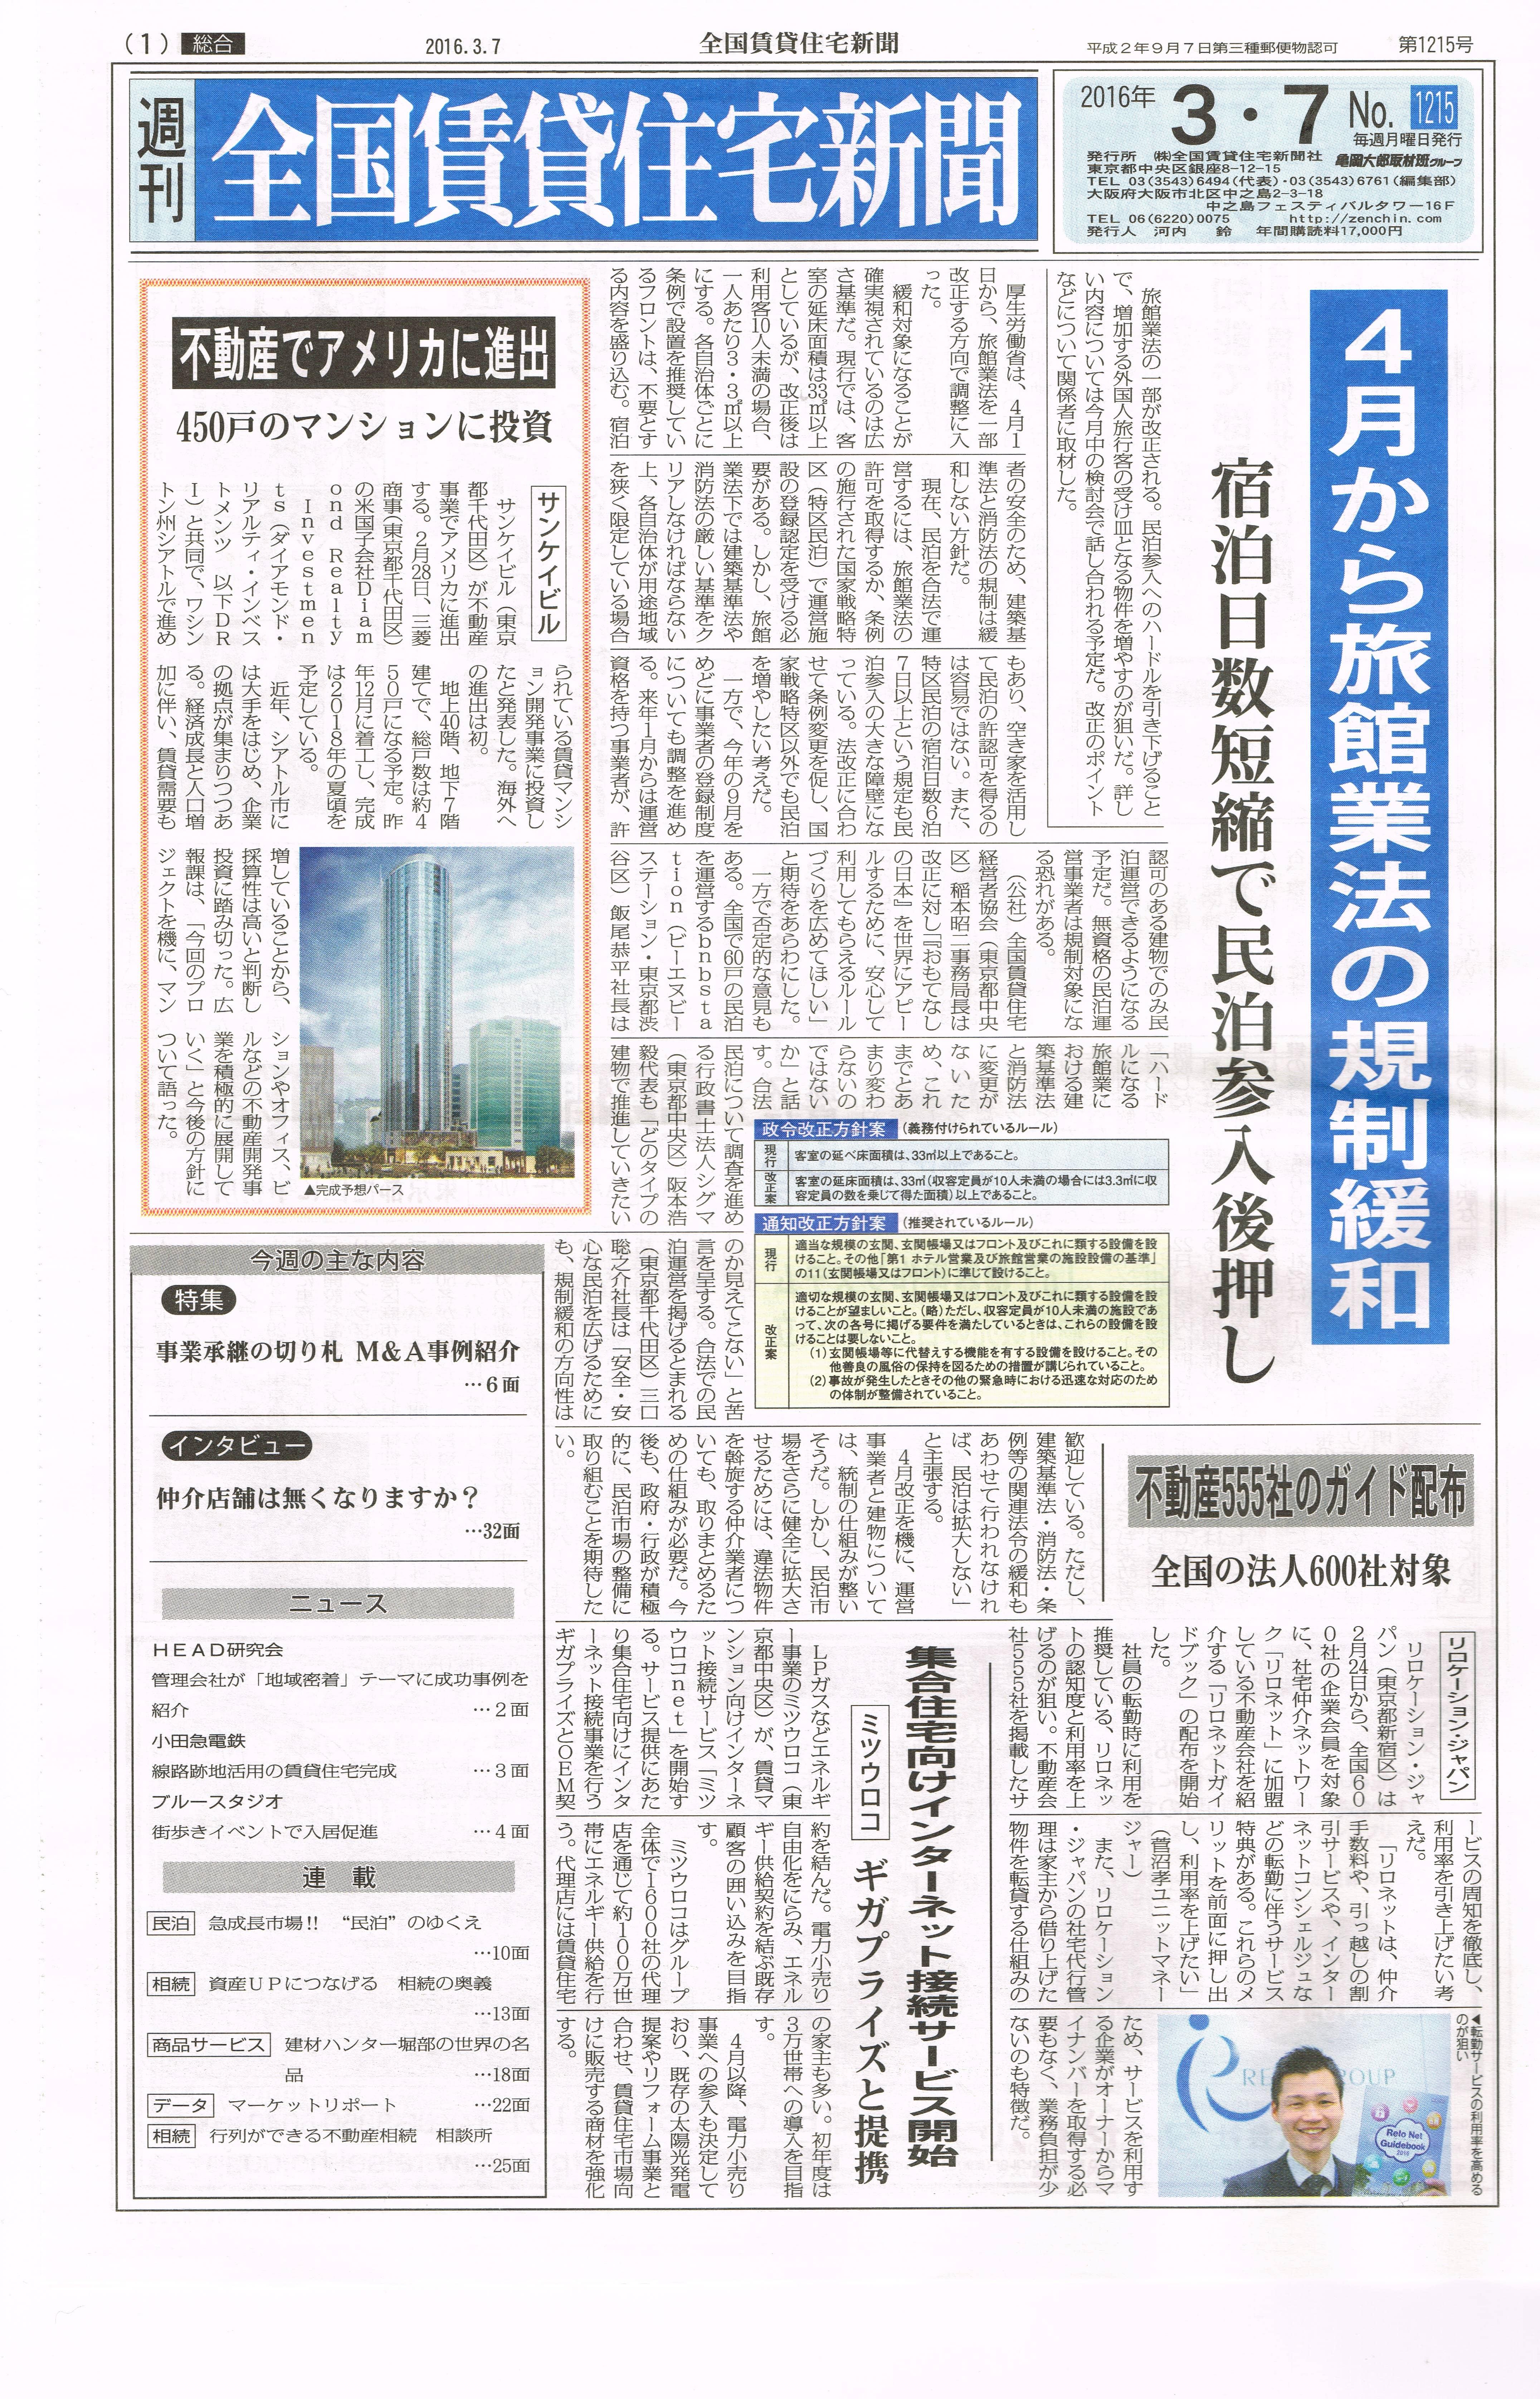 週刊全国賃貸住宅新聞「事業承継の切り札 M&A事例紹介」写真